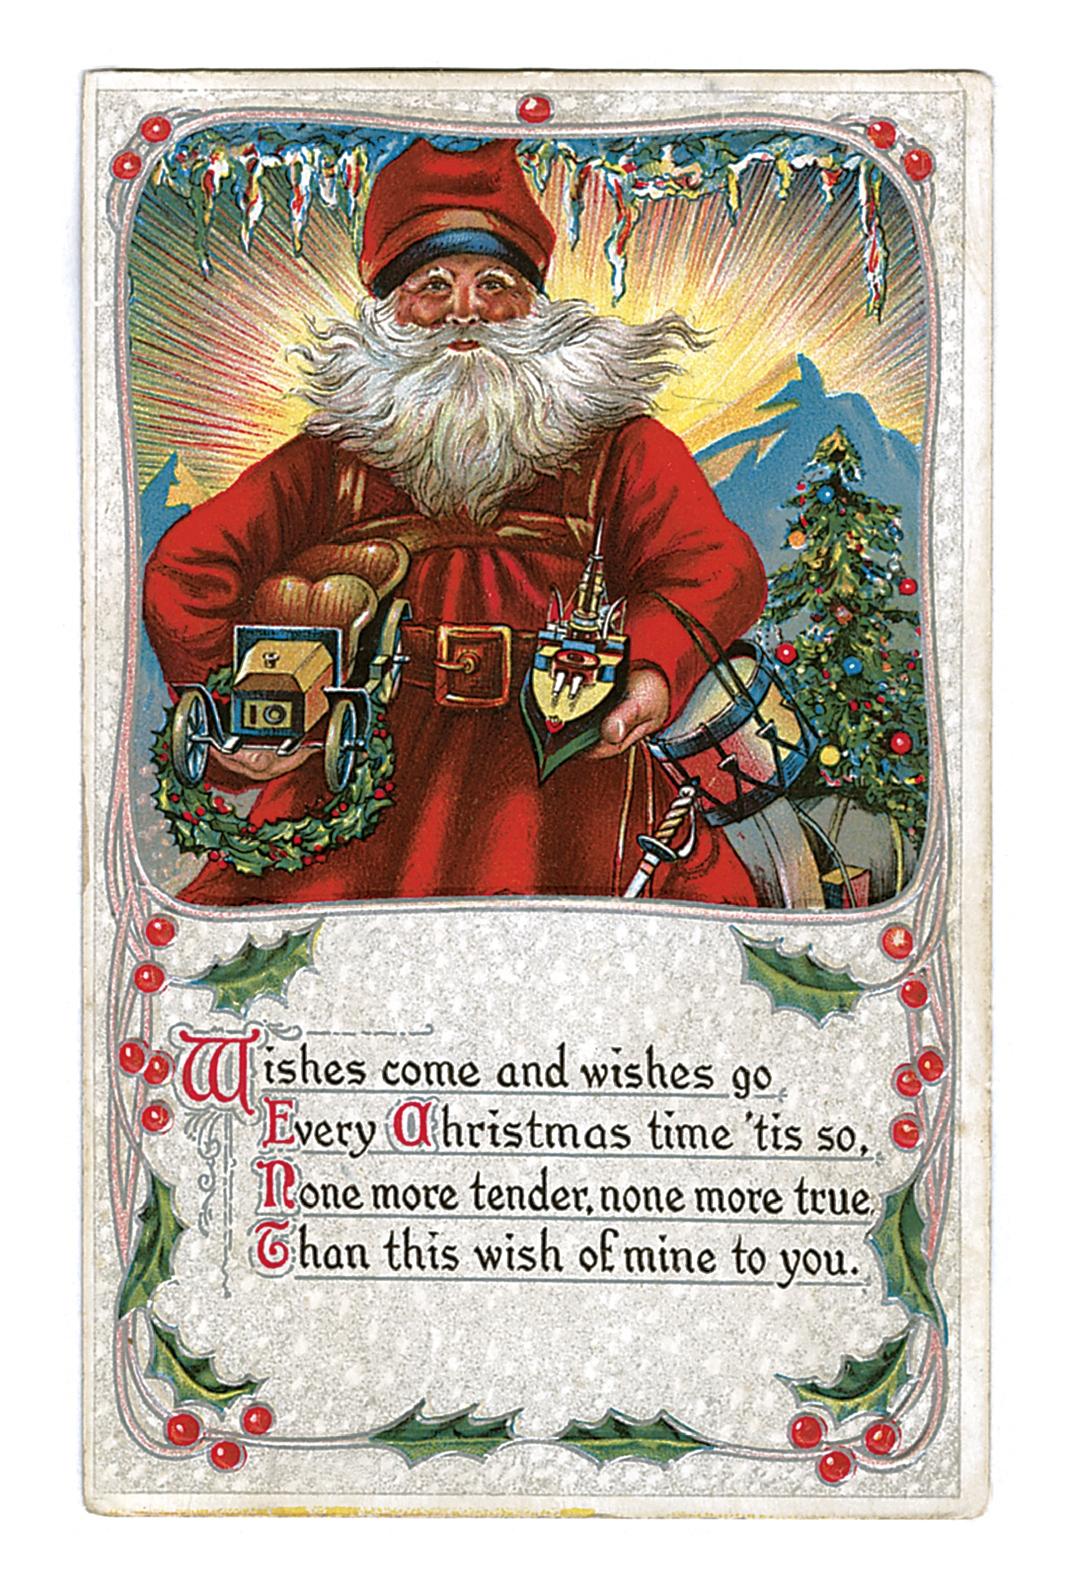 Открытки lt b gt поздравления lt b gt с рождеством на